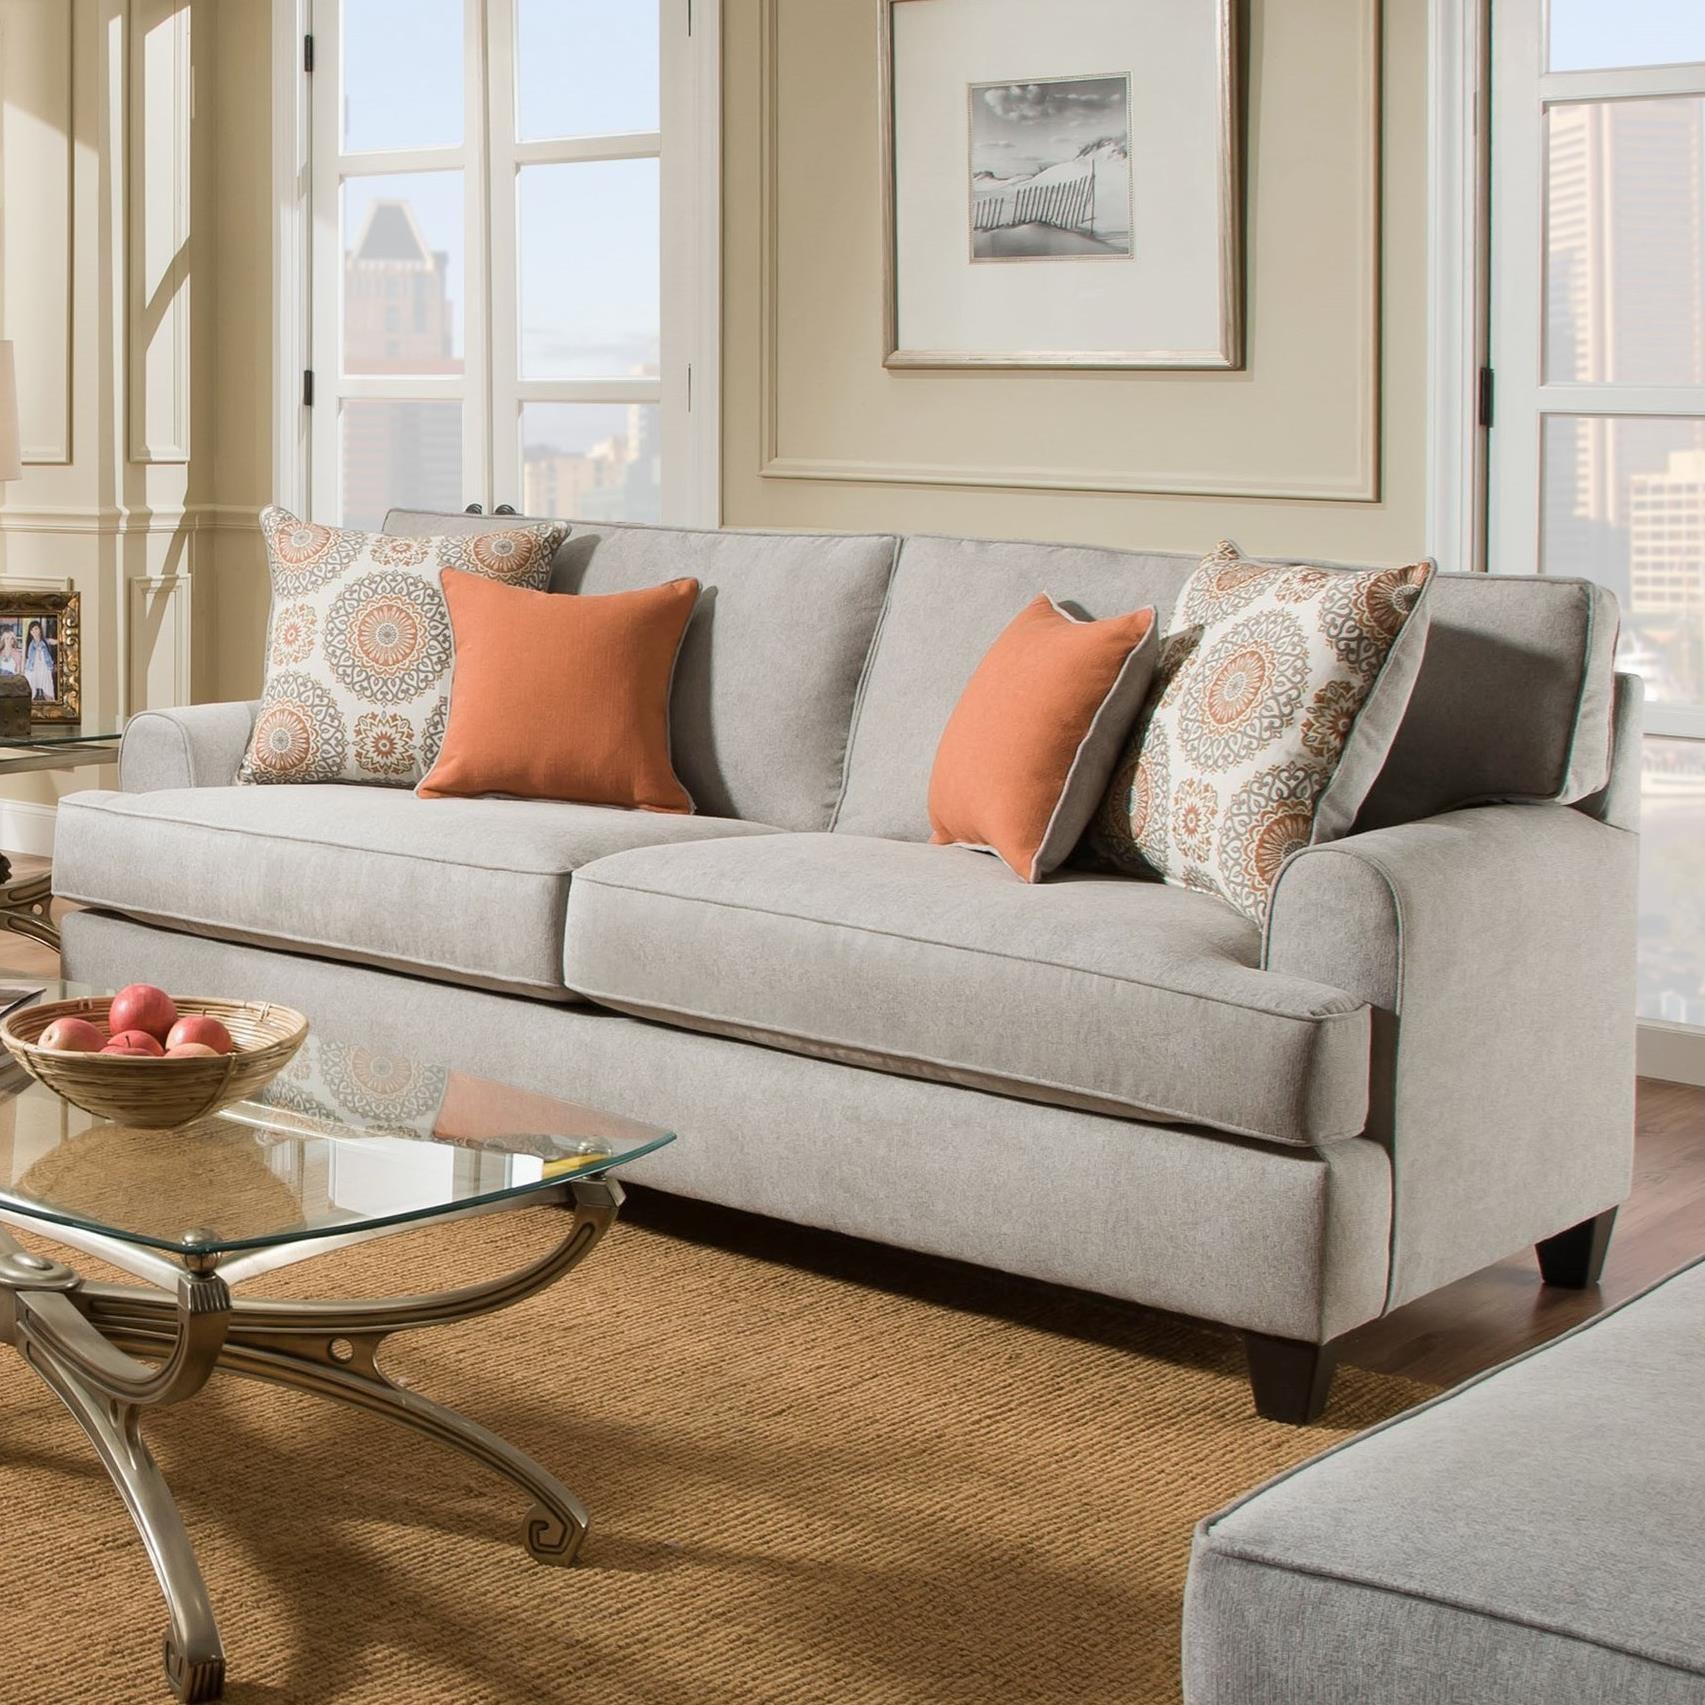 American Furniture 1950 Sofa - Item Number: 1953-2021